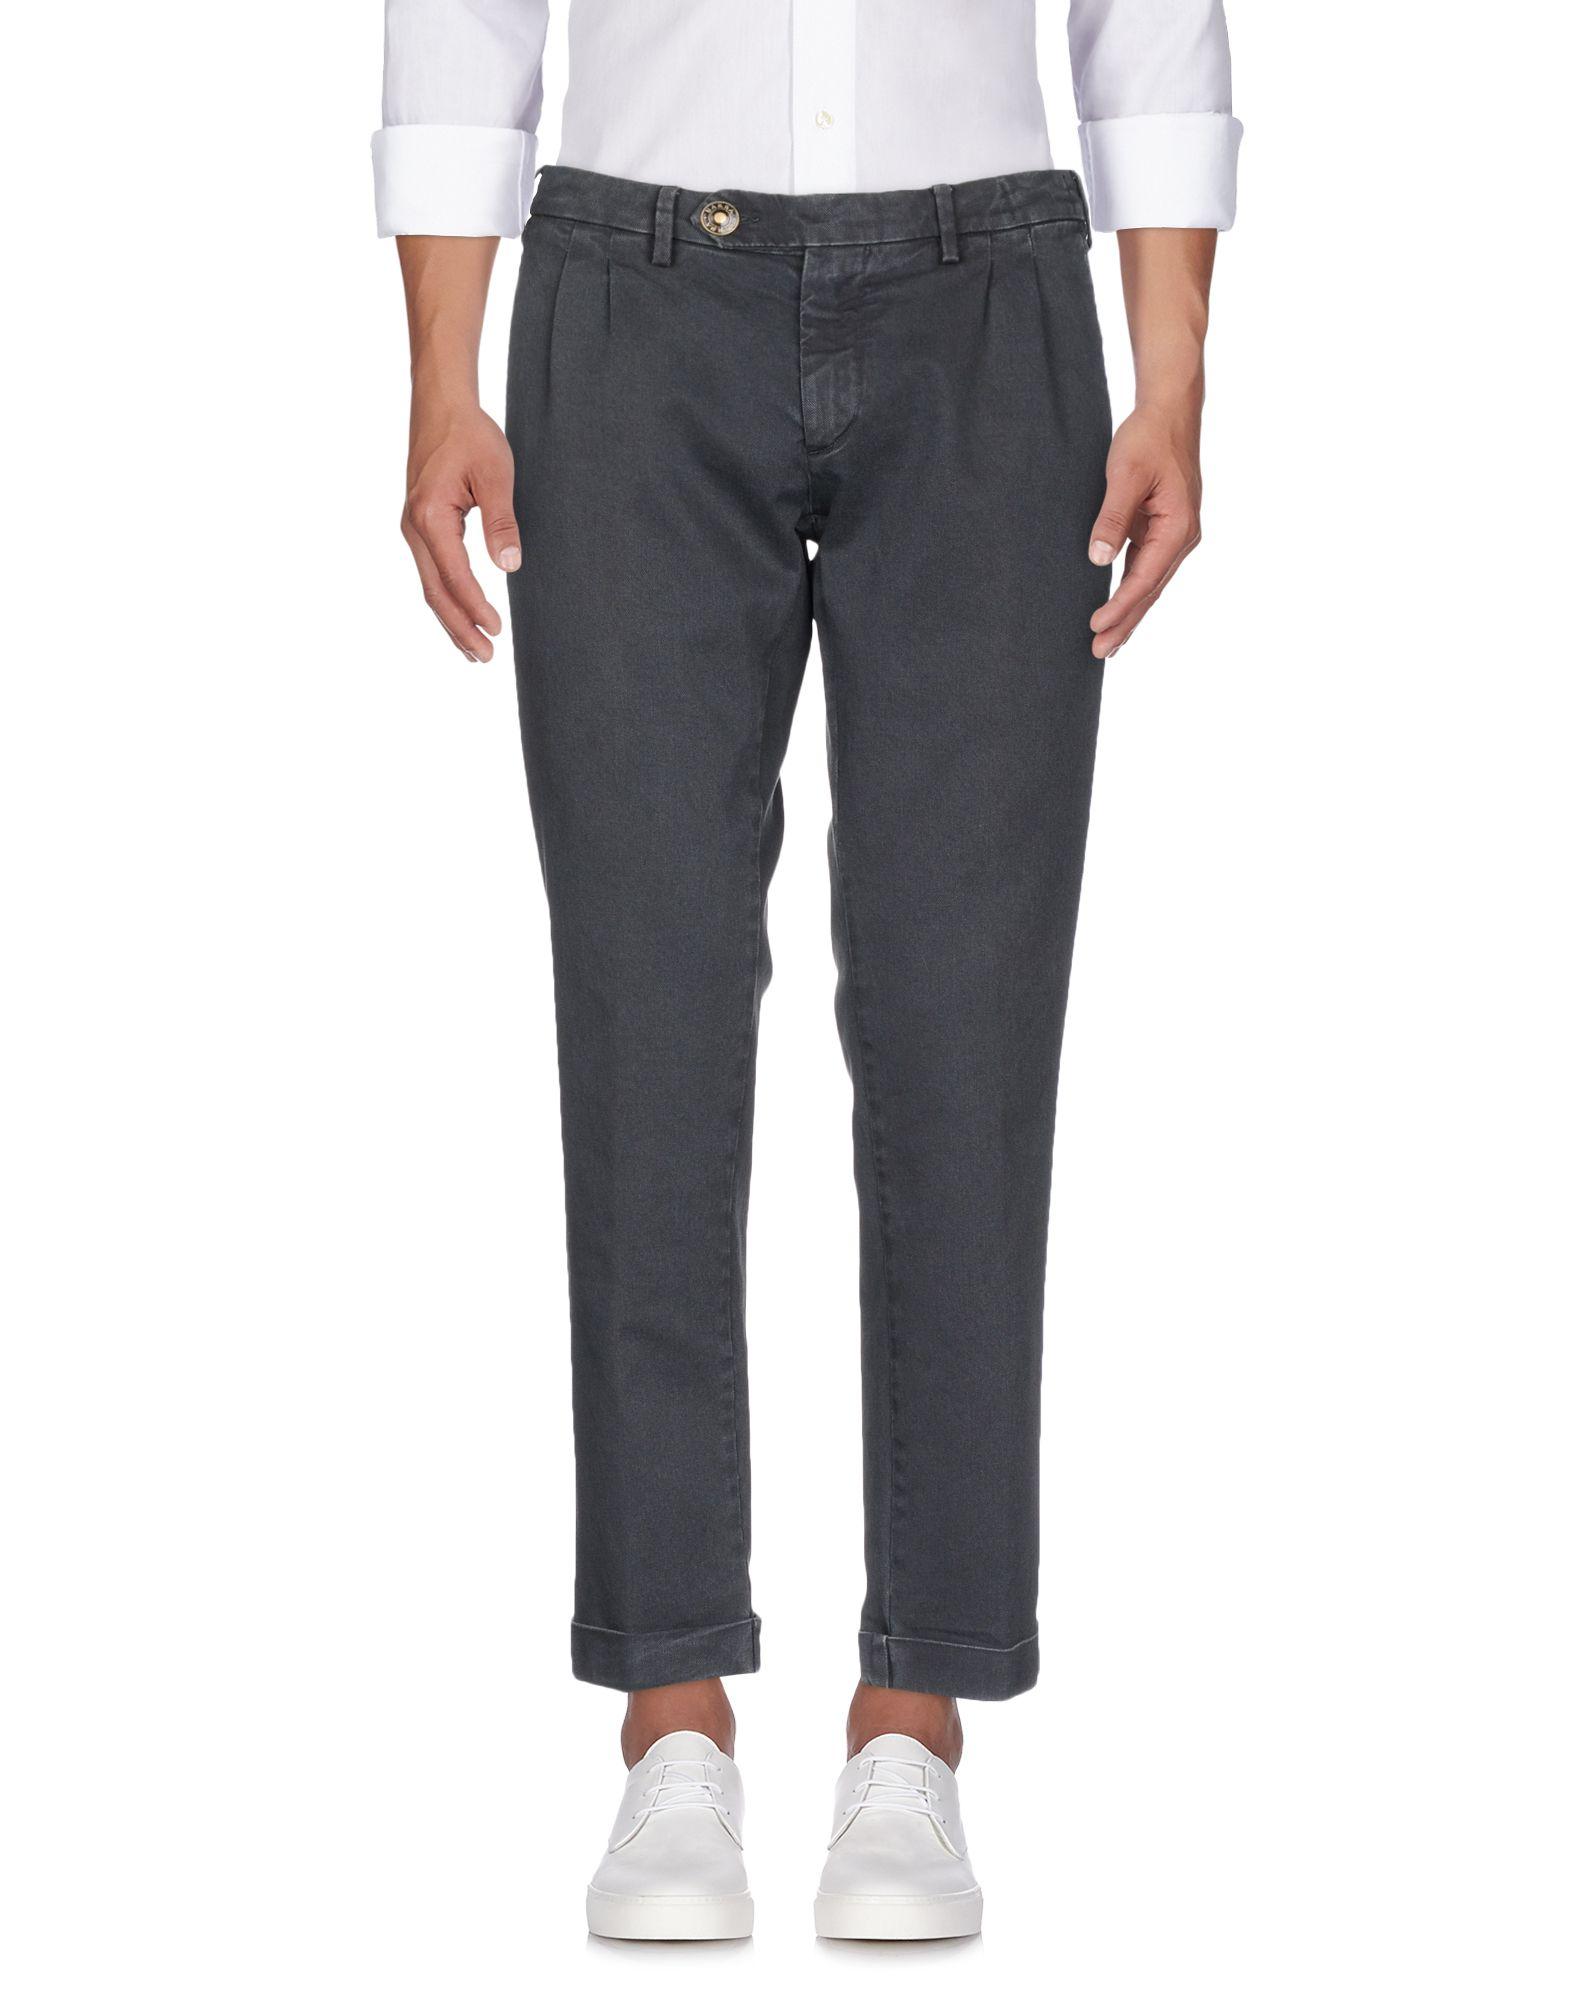 Pantaloni Jeans Barba Napoli Uomo - Acquista online su